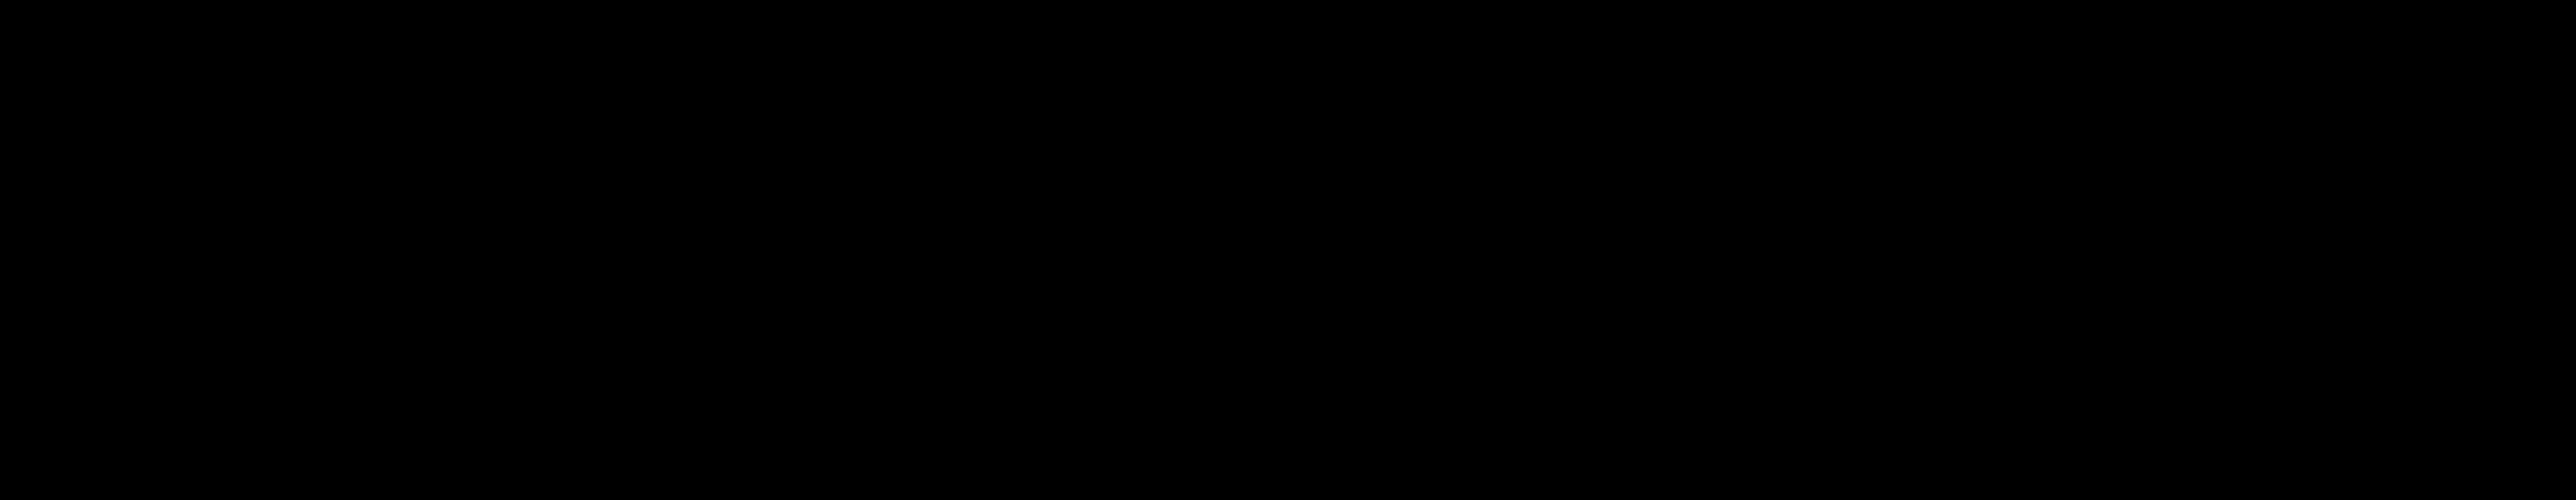 Diethyl (12-((3-(dimethylamino)propyl)(methyl)amino)dodecyl)phosphonate